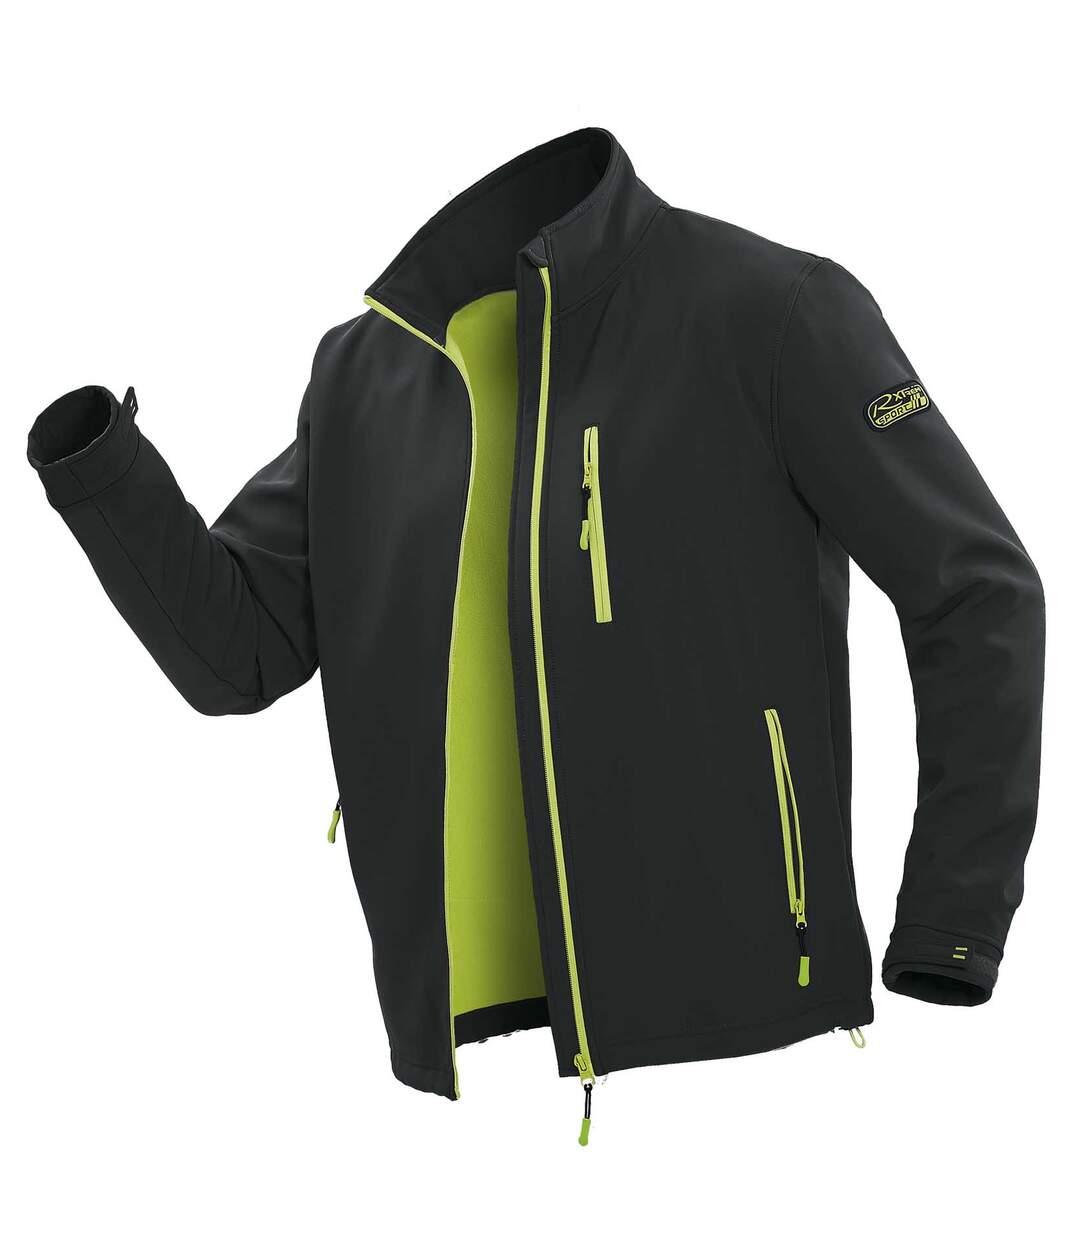 Men's Microfleece-Lined Softshell Jacket - Water-Repellent - Black Atlas For Men